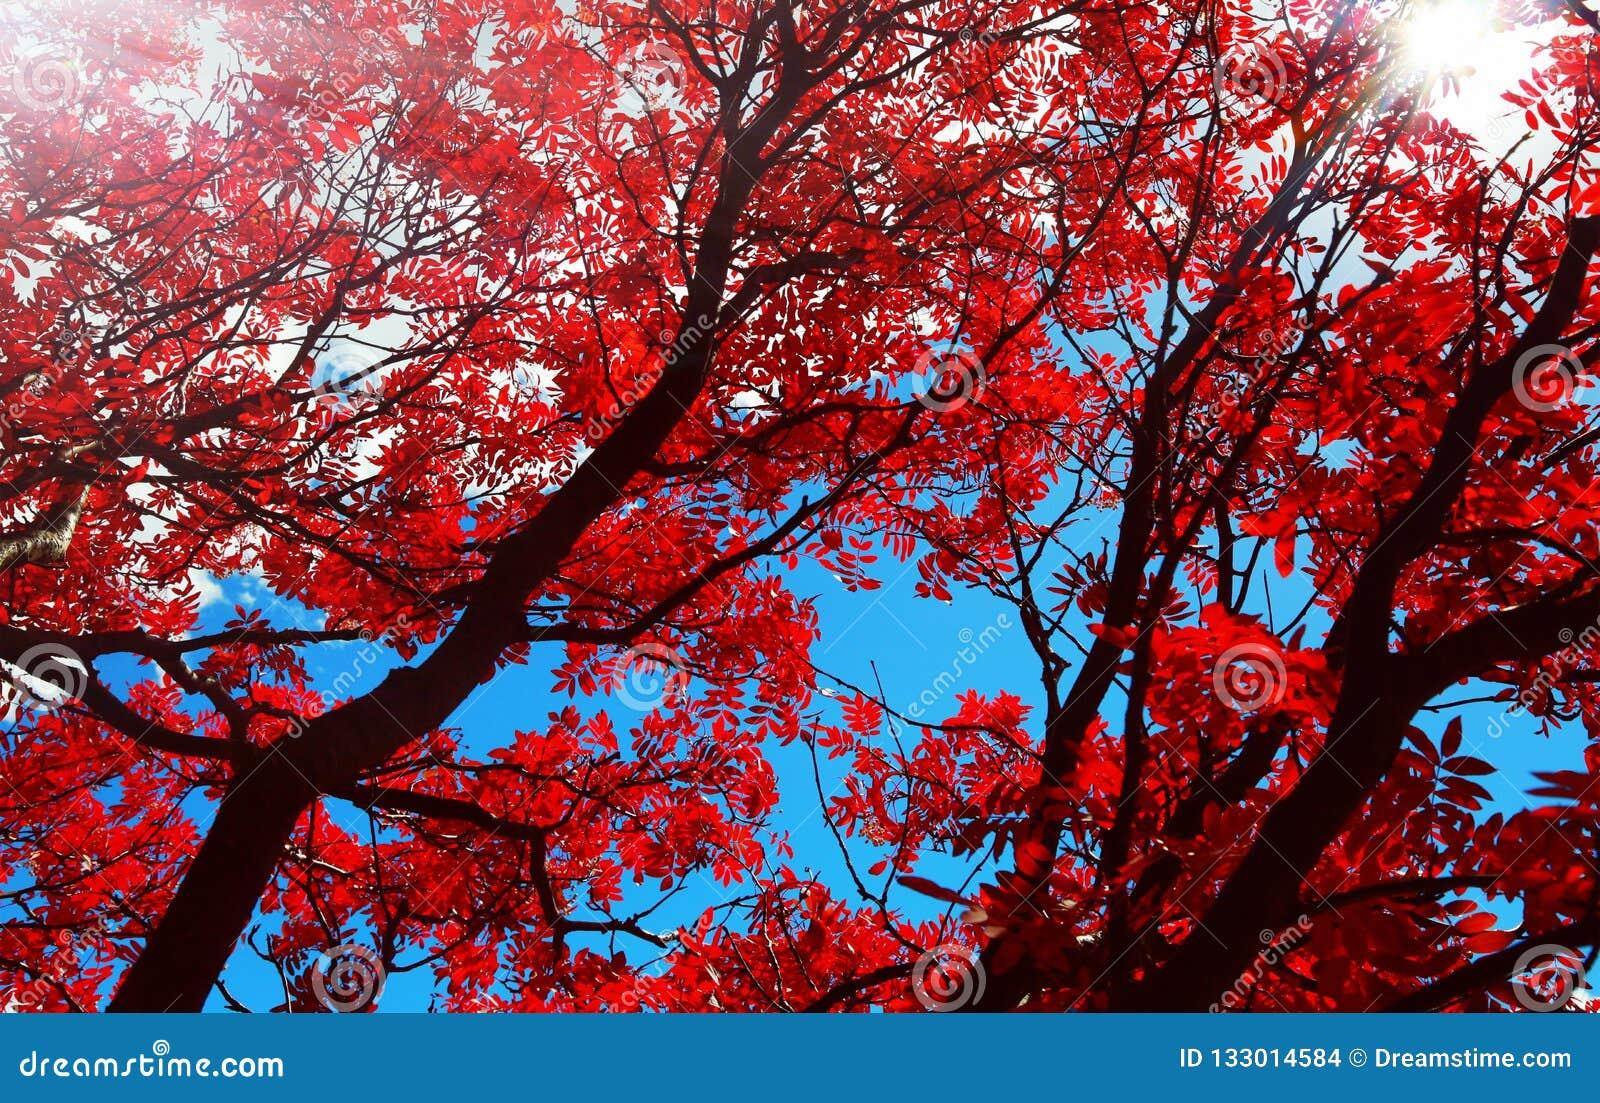 Folhas de outono vermelhas do salgueiro da flor sob o sol